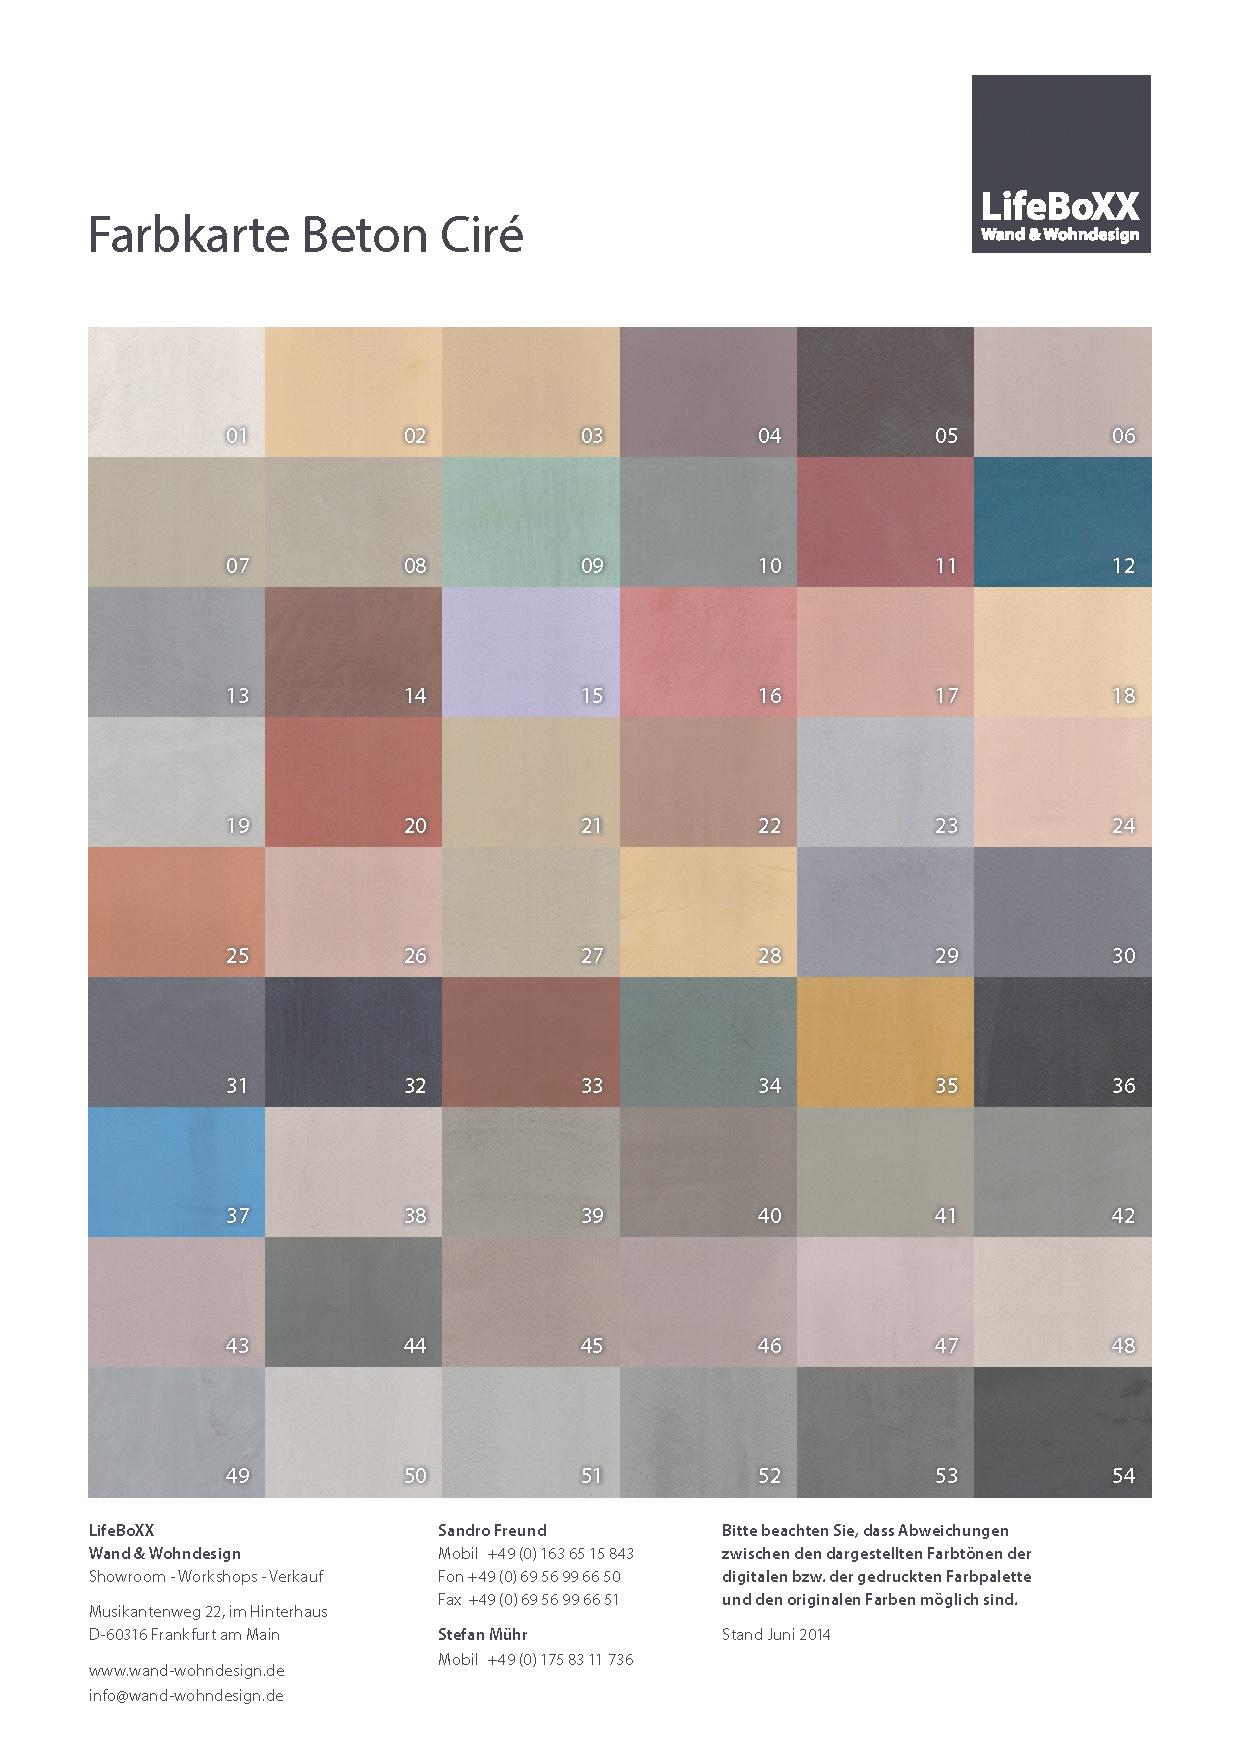 beton-cire-farbe - beton cire | fliesen | ezel-handwerker.de